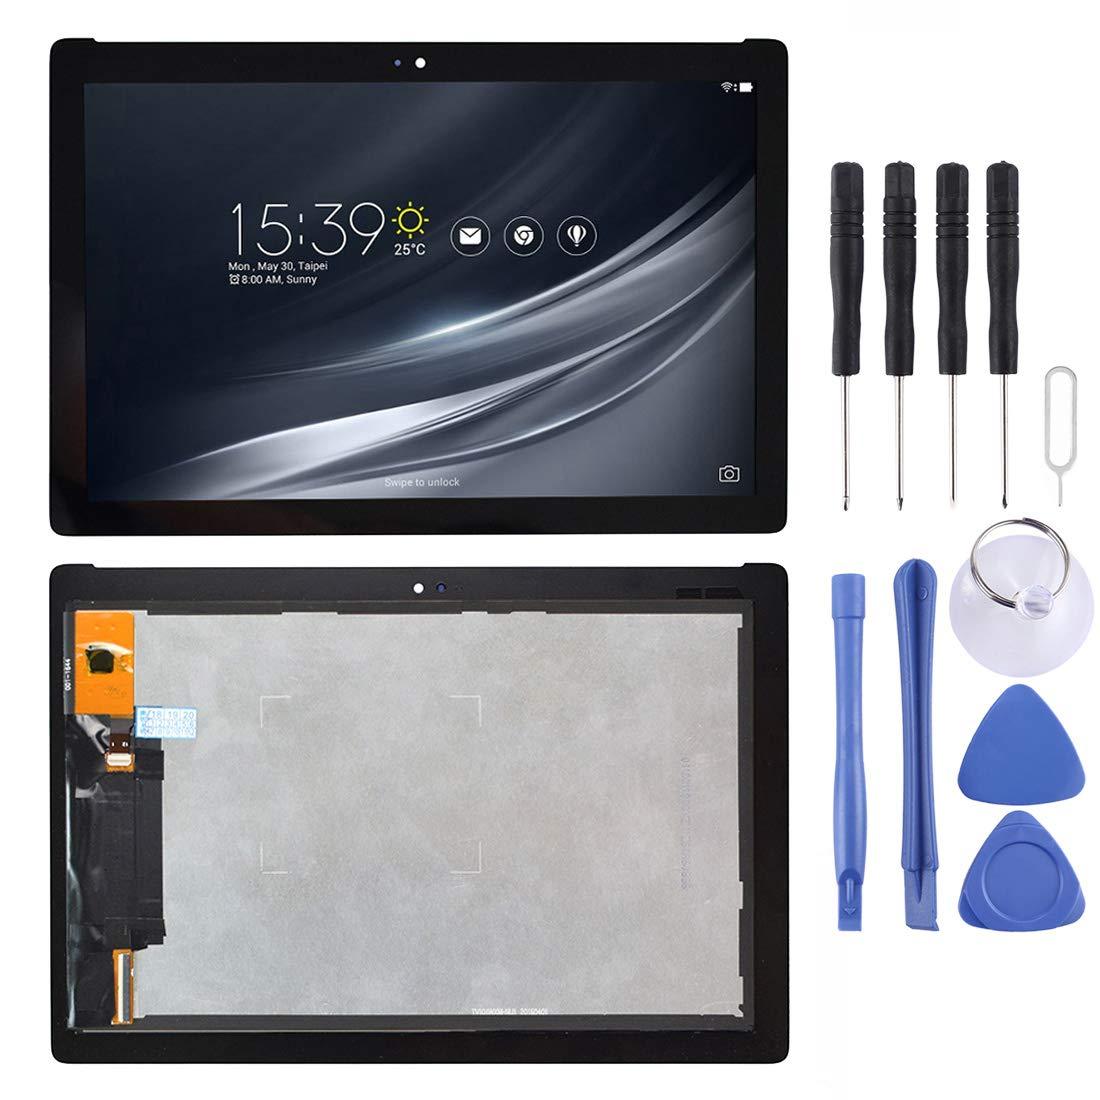 ベストセラー 修理用フロントパネル(フロントガラスデジタイザ)タッチパネル Black) Lcd液晶パネルセット Asus ZenPad 10 Z301M 10/ Z301ML Black/ Z301MFL/ P028のLCDスクリーンとデジタイザーのフルアセンブリ (色 : Black) Black B07P662D9B, Saintbebe:7c4e4bd0 --- a0267596.xsph.ru